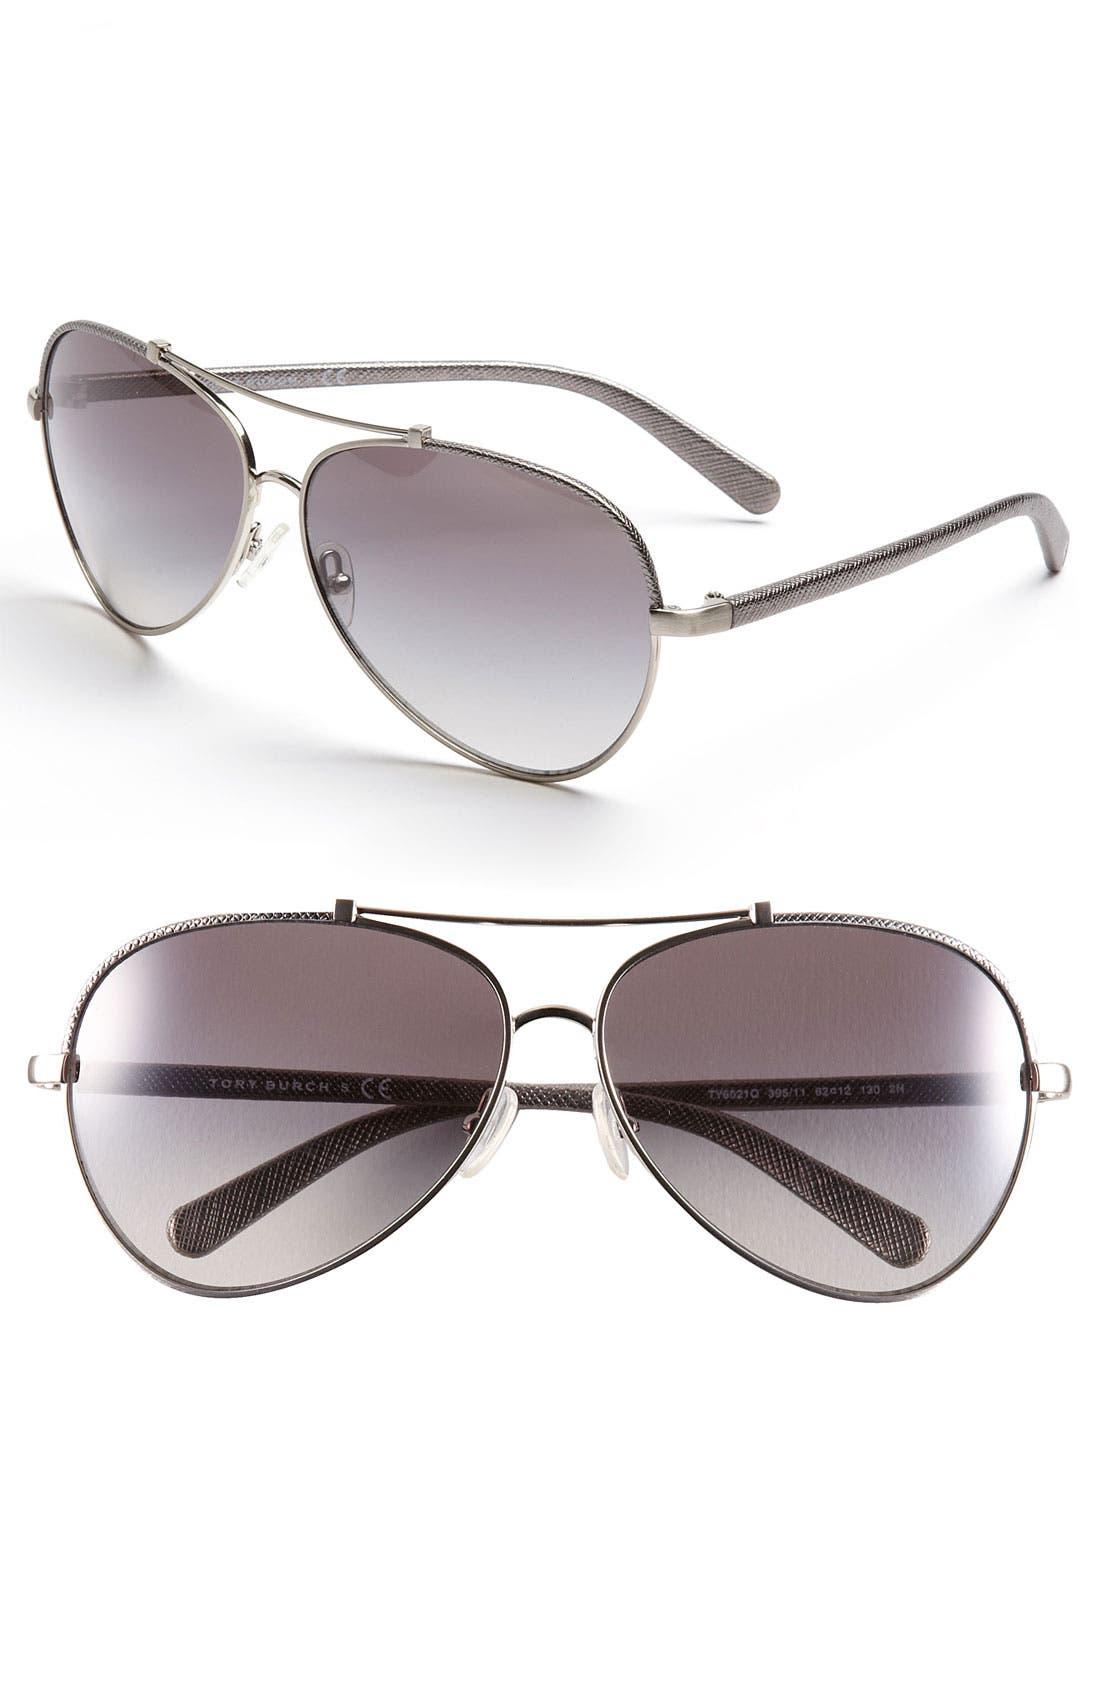 Main Image - Tory Burch 62mm Aviator Sunglasses